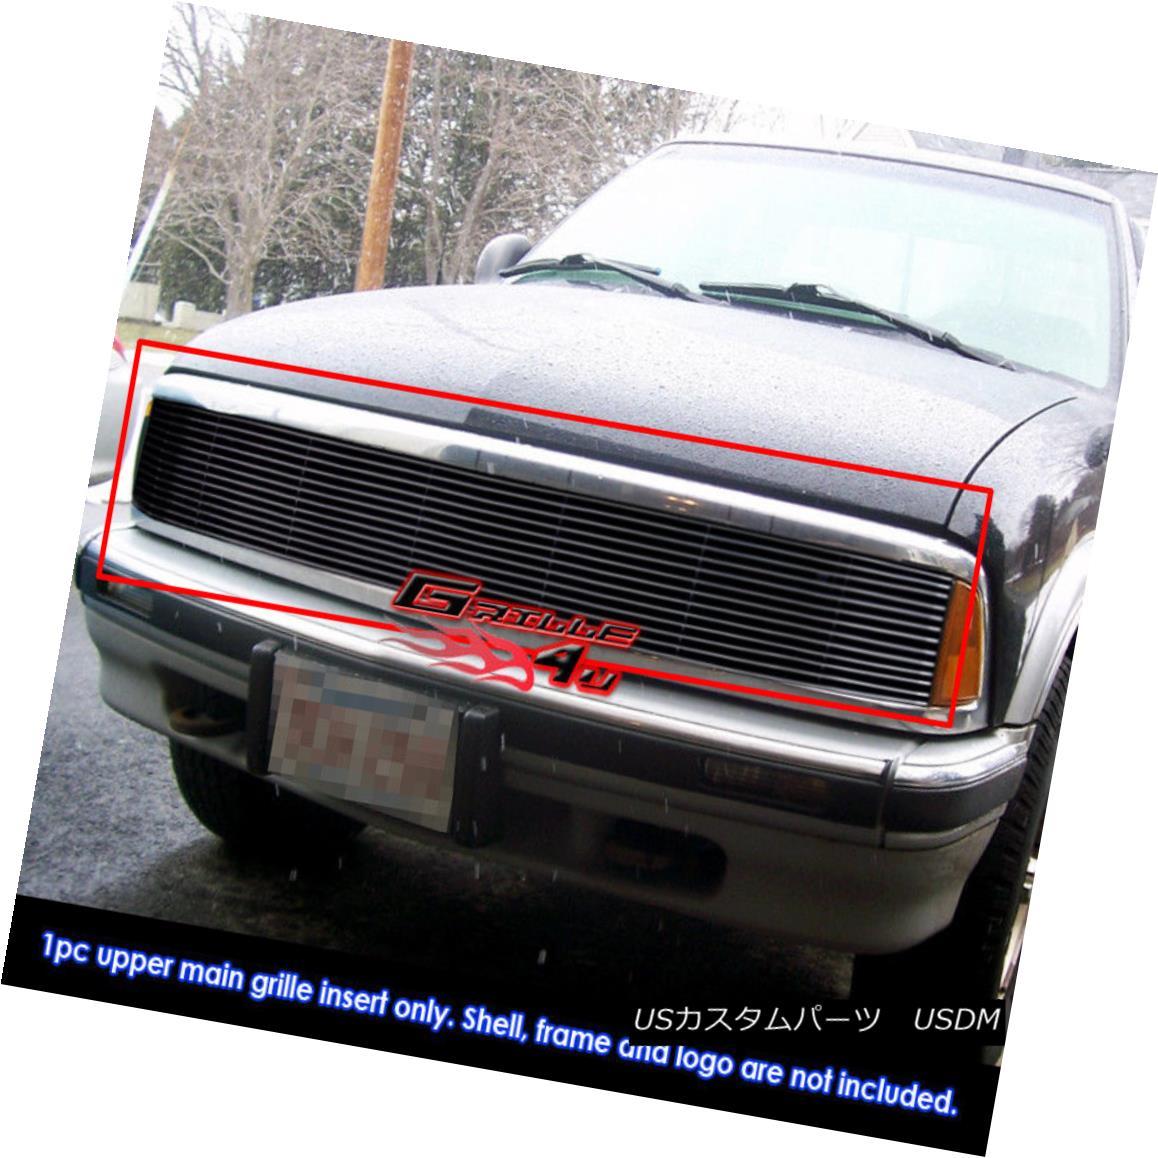 グリル Fits 94-97 Chevy S10/ Blazer Phantom Black Main Upper Billet Grille フィット94-97 Chevy S10 / Blazer Phantom Blackメインアッパービレットグリル